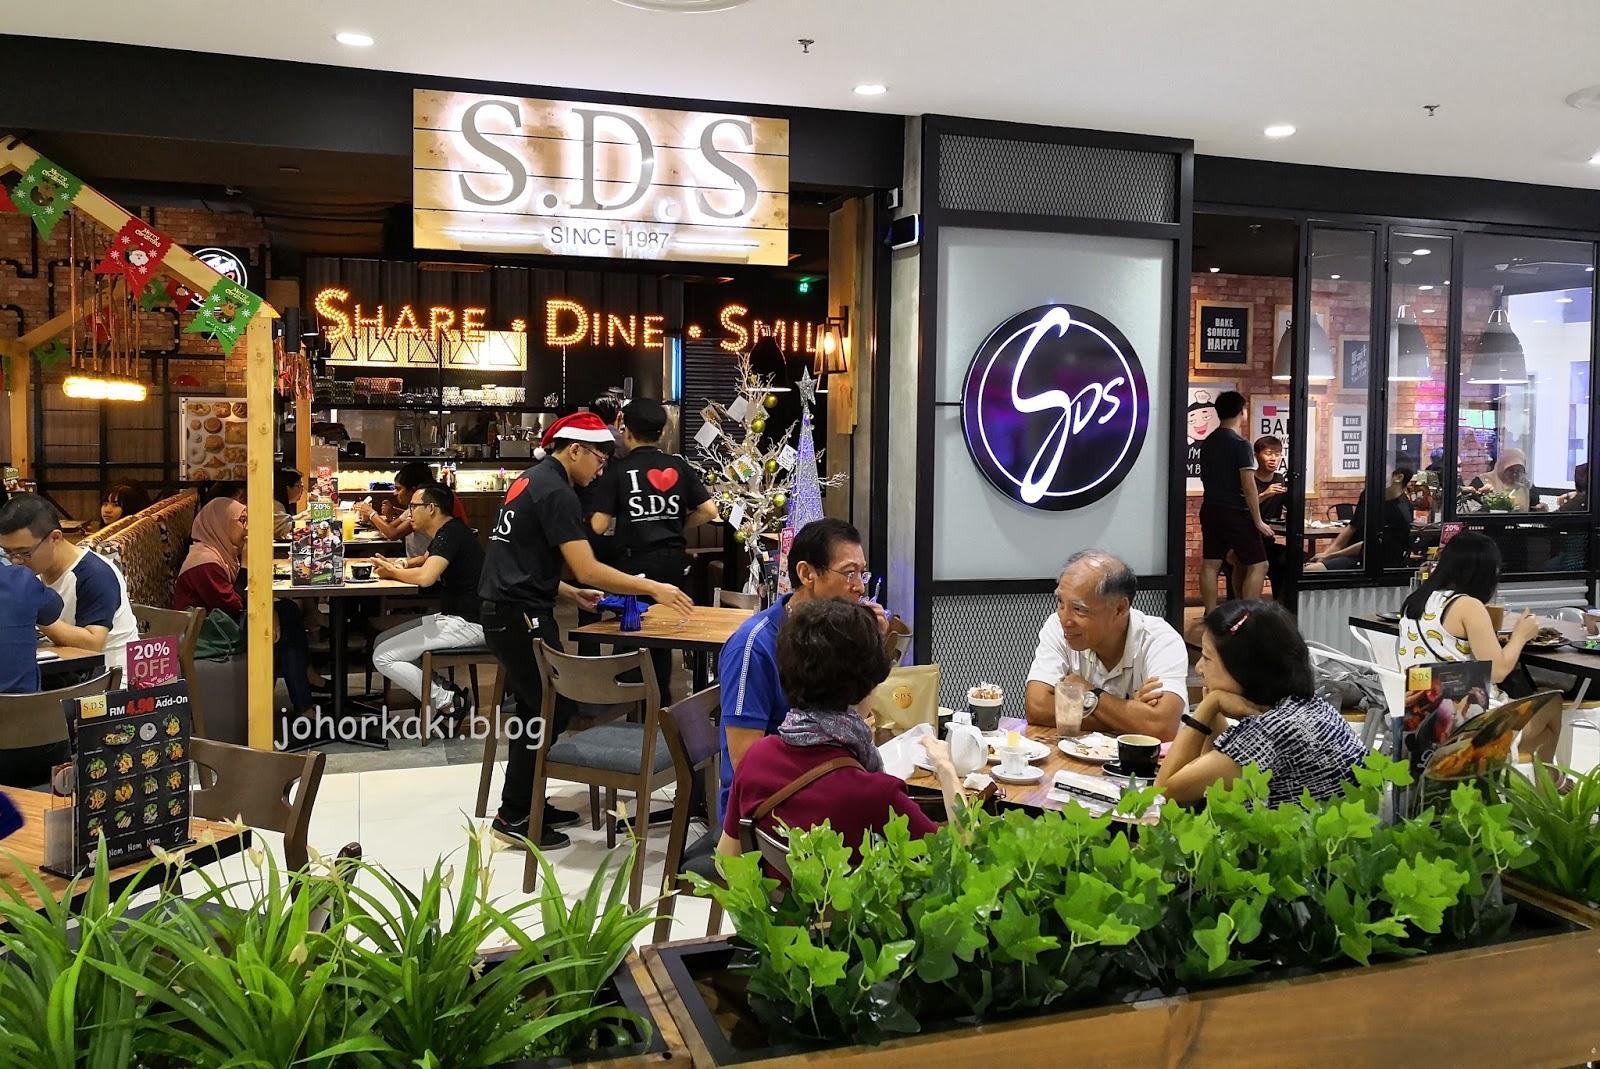 PROMO] 77% OFF Jb Shopping Mall 3 Bedroom Suite JohorBahru